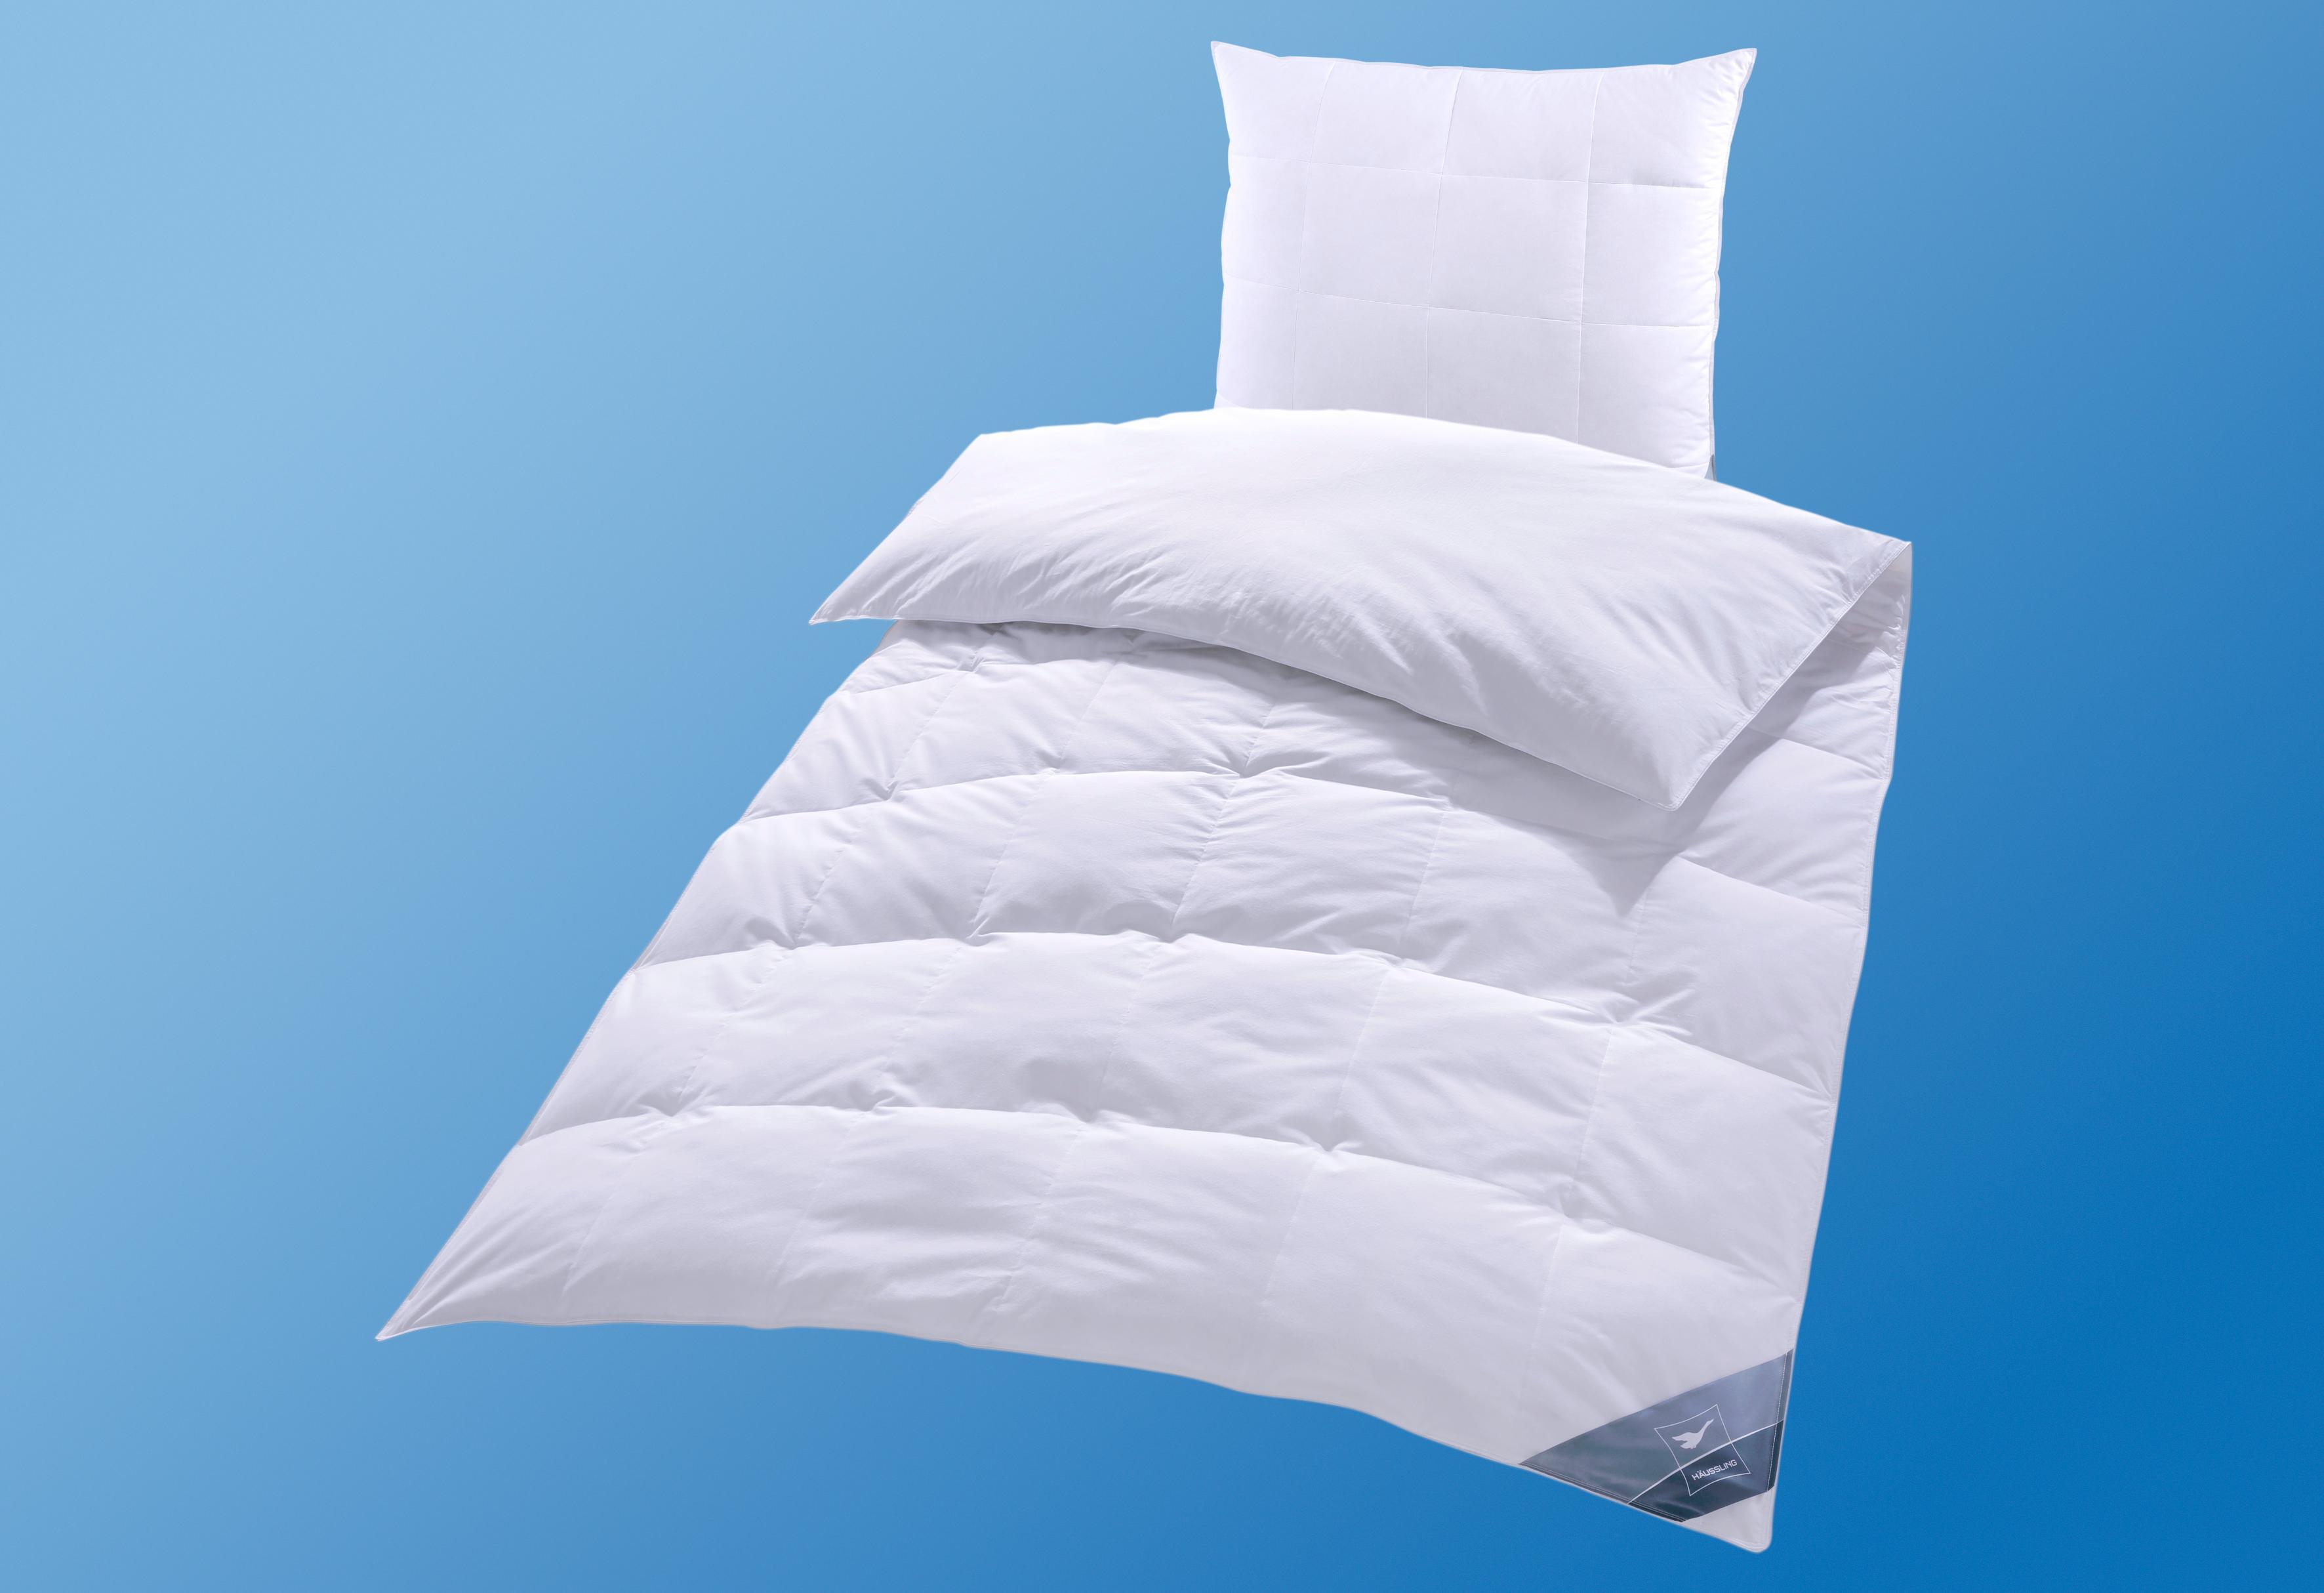 Daunenbettdecke BodyPerfect Haeussling warm Füllung: 60% Daunen 40% Federn Bezug: 100% Baumwolle